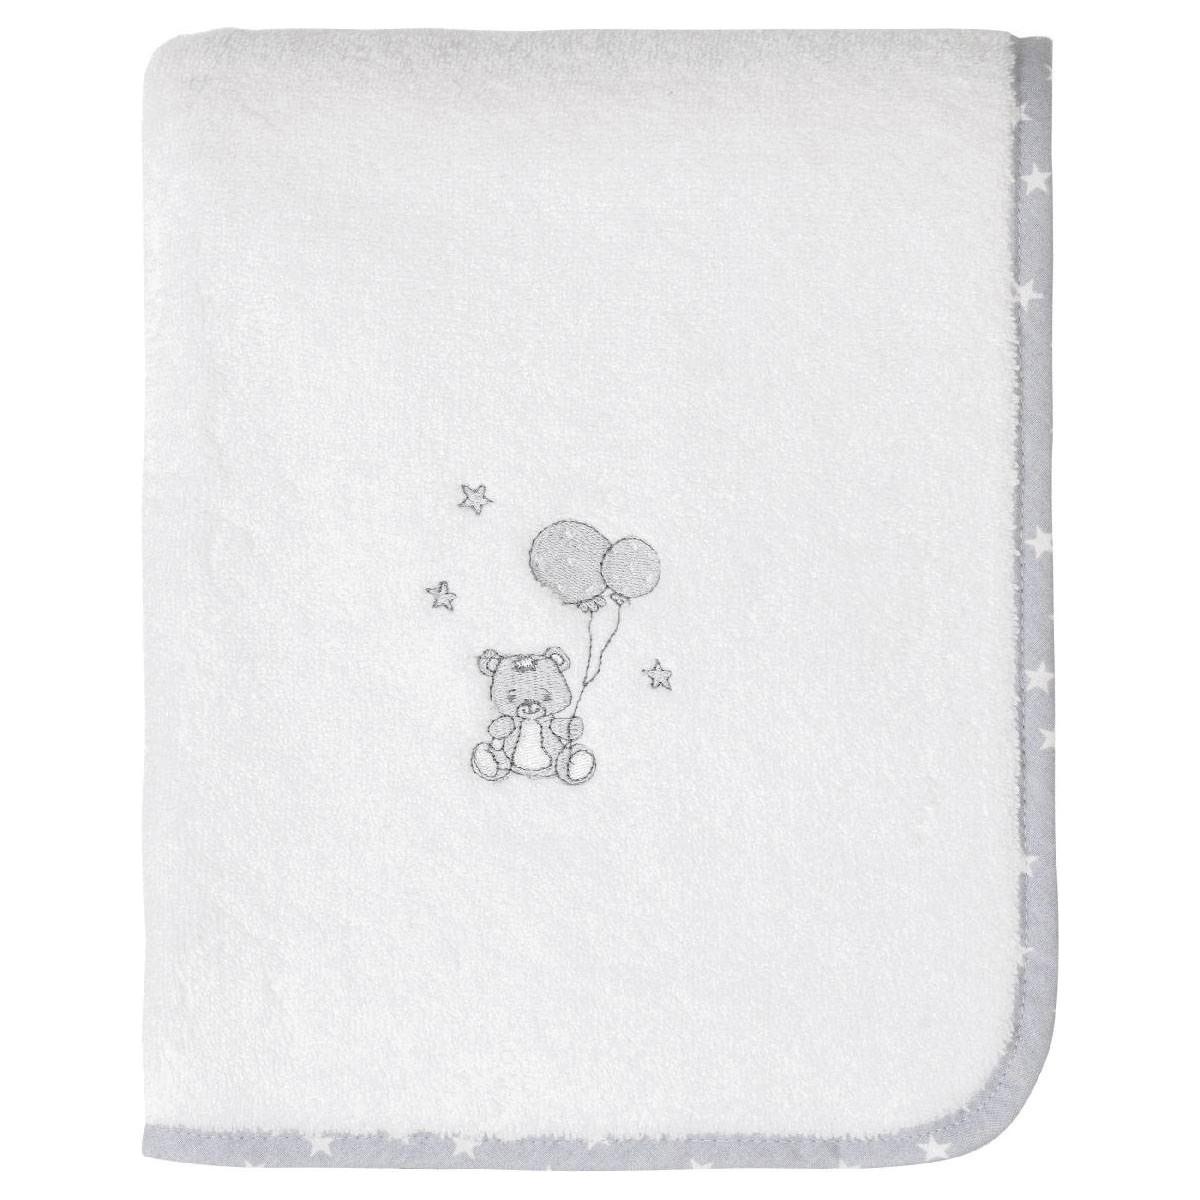 Serviette de toilette enfant coton blanc 50x90